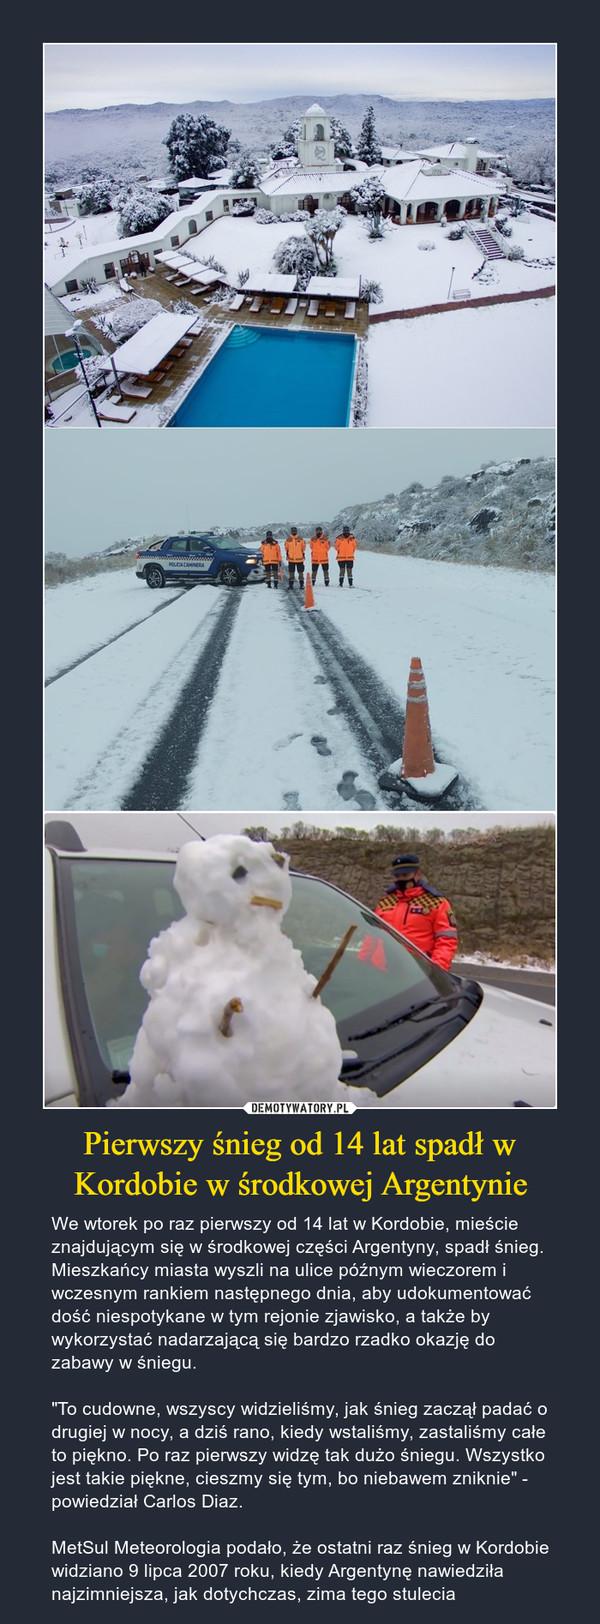 """Pierwszy śnieg od 14 lat spadł w Kordobie w środkowej Argentynie – We wtorek po raz pierwszy od 14 lat w Kordobie, mieście znajdującym się w środkowej części Argentyny, spadł śnieg. Mieszkańcy miasta wyszli na ulice późnym wieczorem i wczesnym rankiem następnego dnia, aby udokumentować dość niespotykane w tym rejonie zjawisko, a także by wykorzystać nadarzającą się bardzo rzadko okazję do zabawy w śniegu. """"To cudowne, wszyscy widzieliśmy, jak śnieg zaczął padać o drugiej w nocy, a dziś rano, kiedy wstaliśmy, zastaliśmy całe to piękno. Po raz pierwszy widzę tak dużo śniegu. Wszystko jest takie piękne, cieszmy się tym, bo niebawem zniknie"""" - powiedział Carlos Diaz.MetSul Meteorologia podało, że ostatni raz śnieg w Kordobie widziano 9 lipca 2007 roku, kiedy Argentynę nawiedziła najzimniejsza, jak dotychczas, zima tego stulecia"""